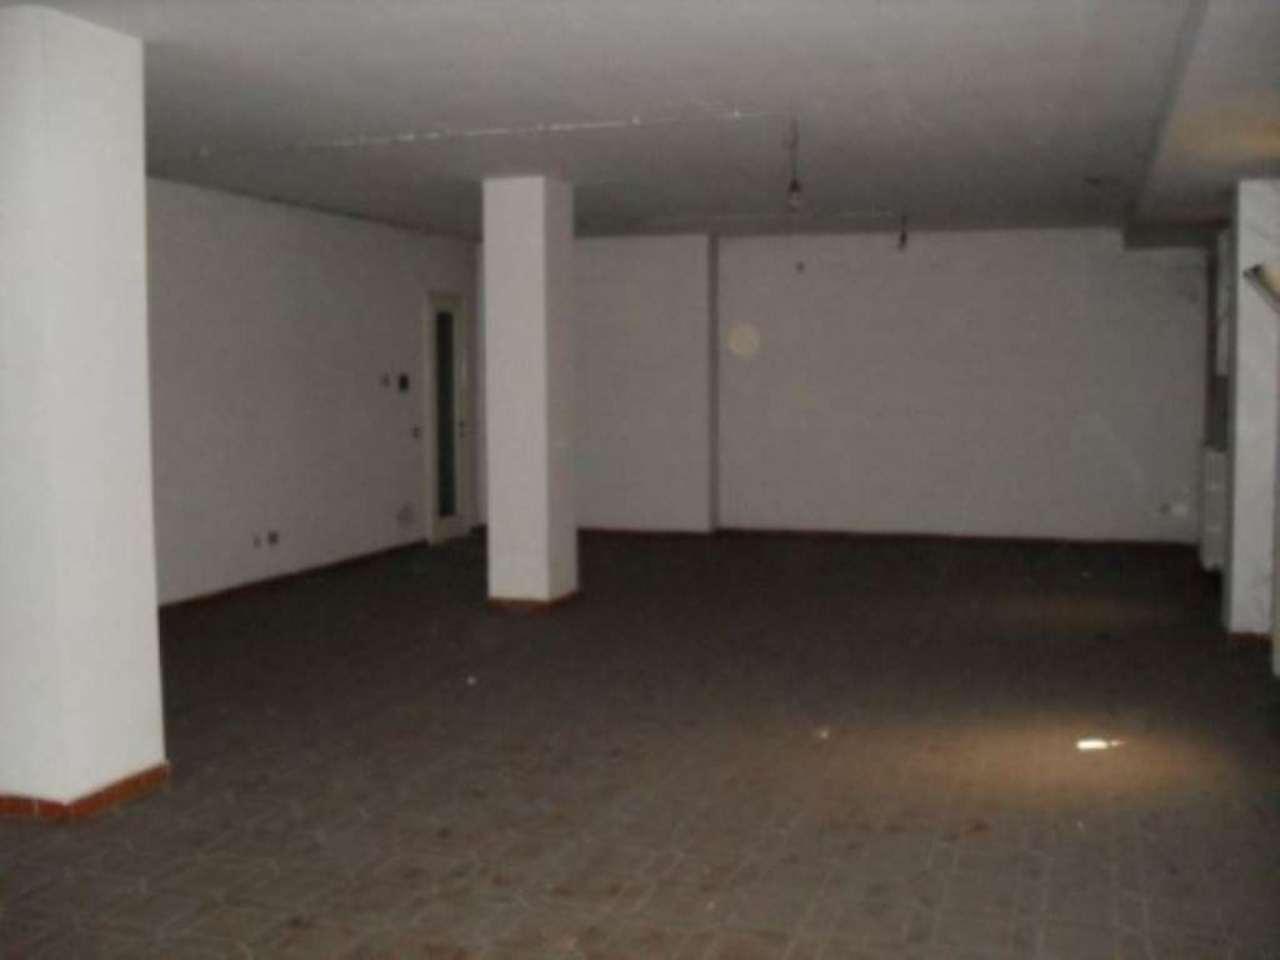 Laboratorio in affitto a Muggiò, 1 locali, prezzo € 500 | Cambio Casa.it